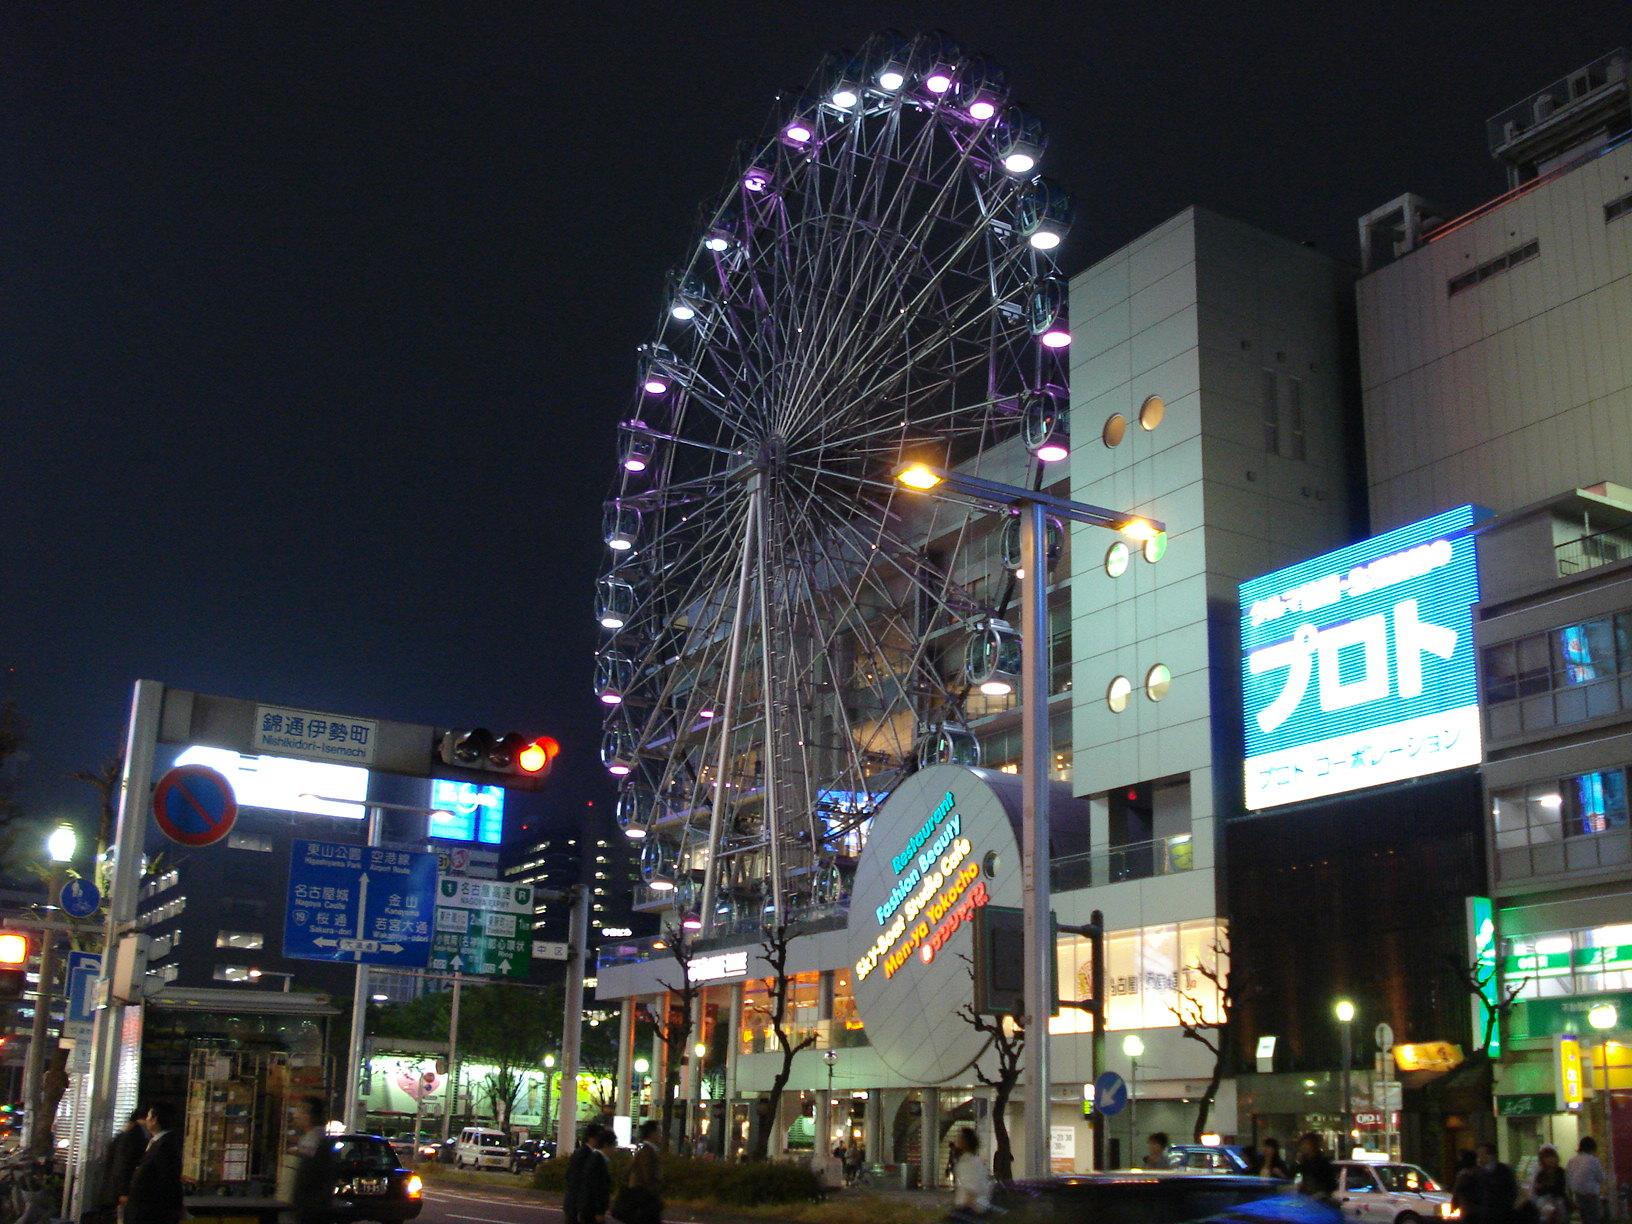 名古屋・錦でグルメ三昧!三丁目でおすすめは接待にも使える居酒屋など!